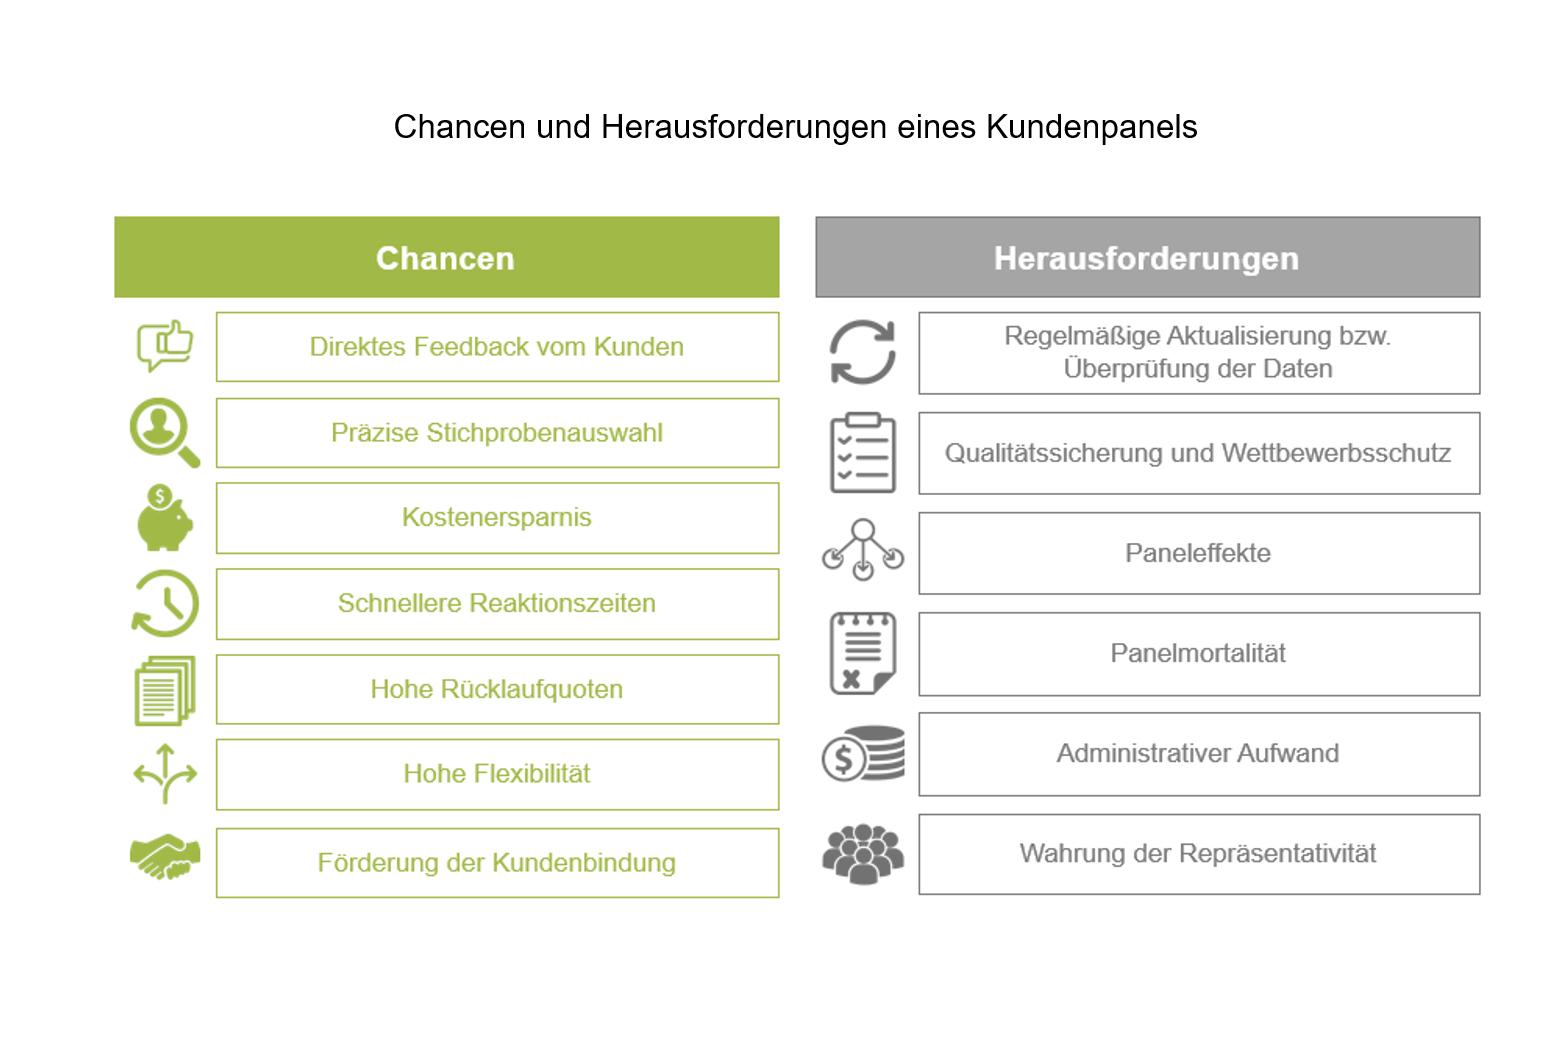 Chancen und Herausforderungen Kundenpanel